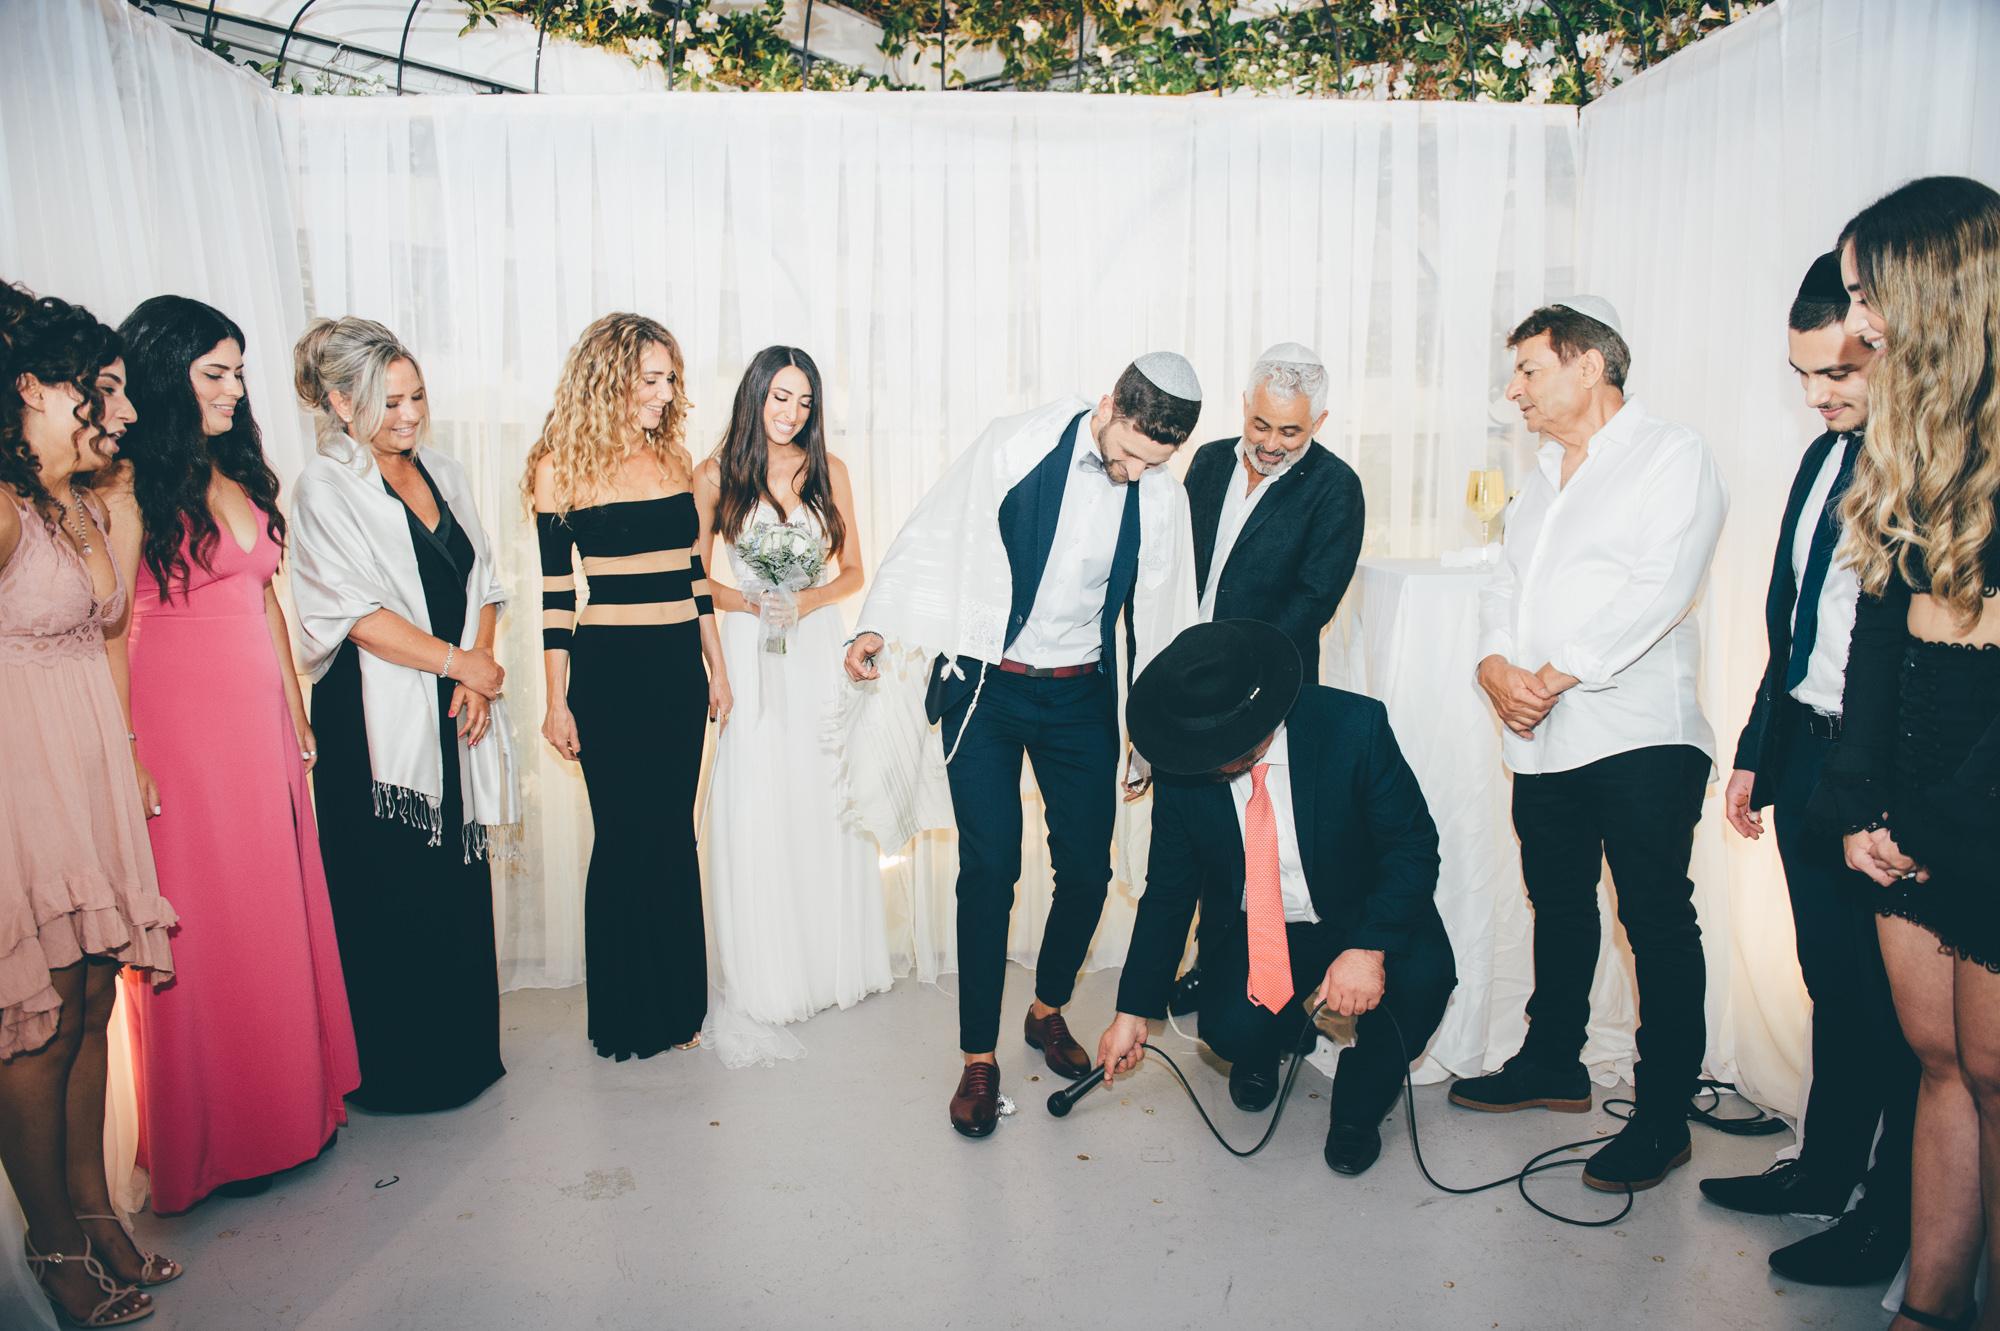 Wedding photos by - Asaf Kliger-82.jpg